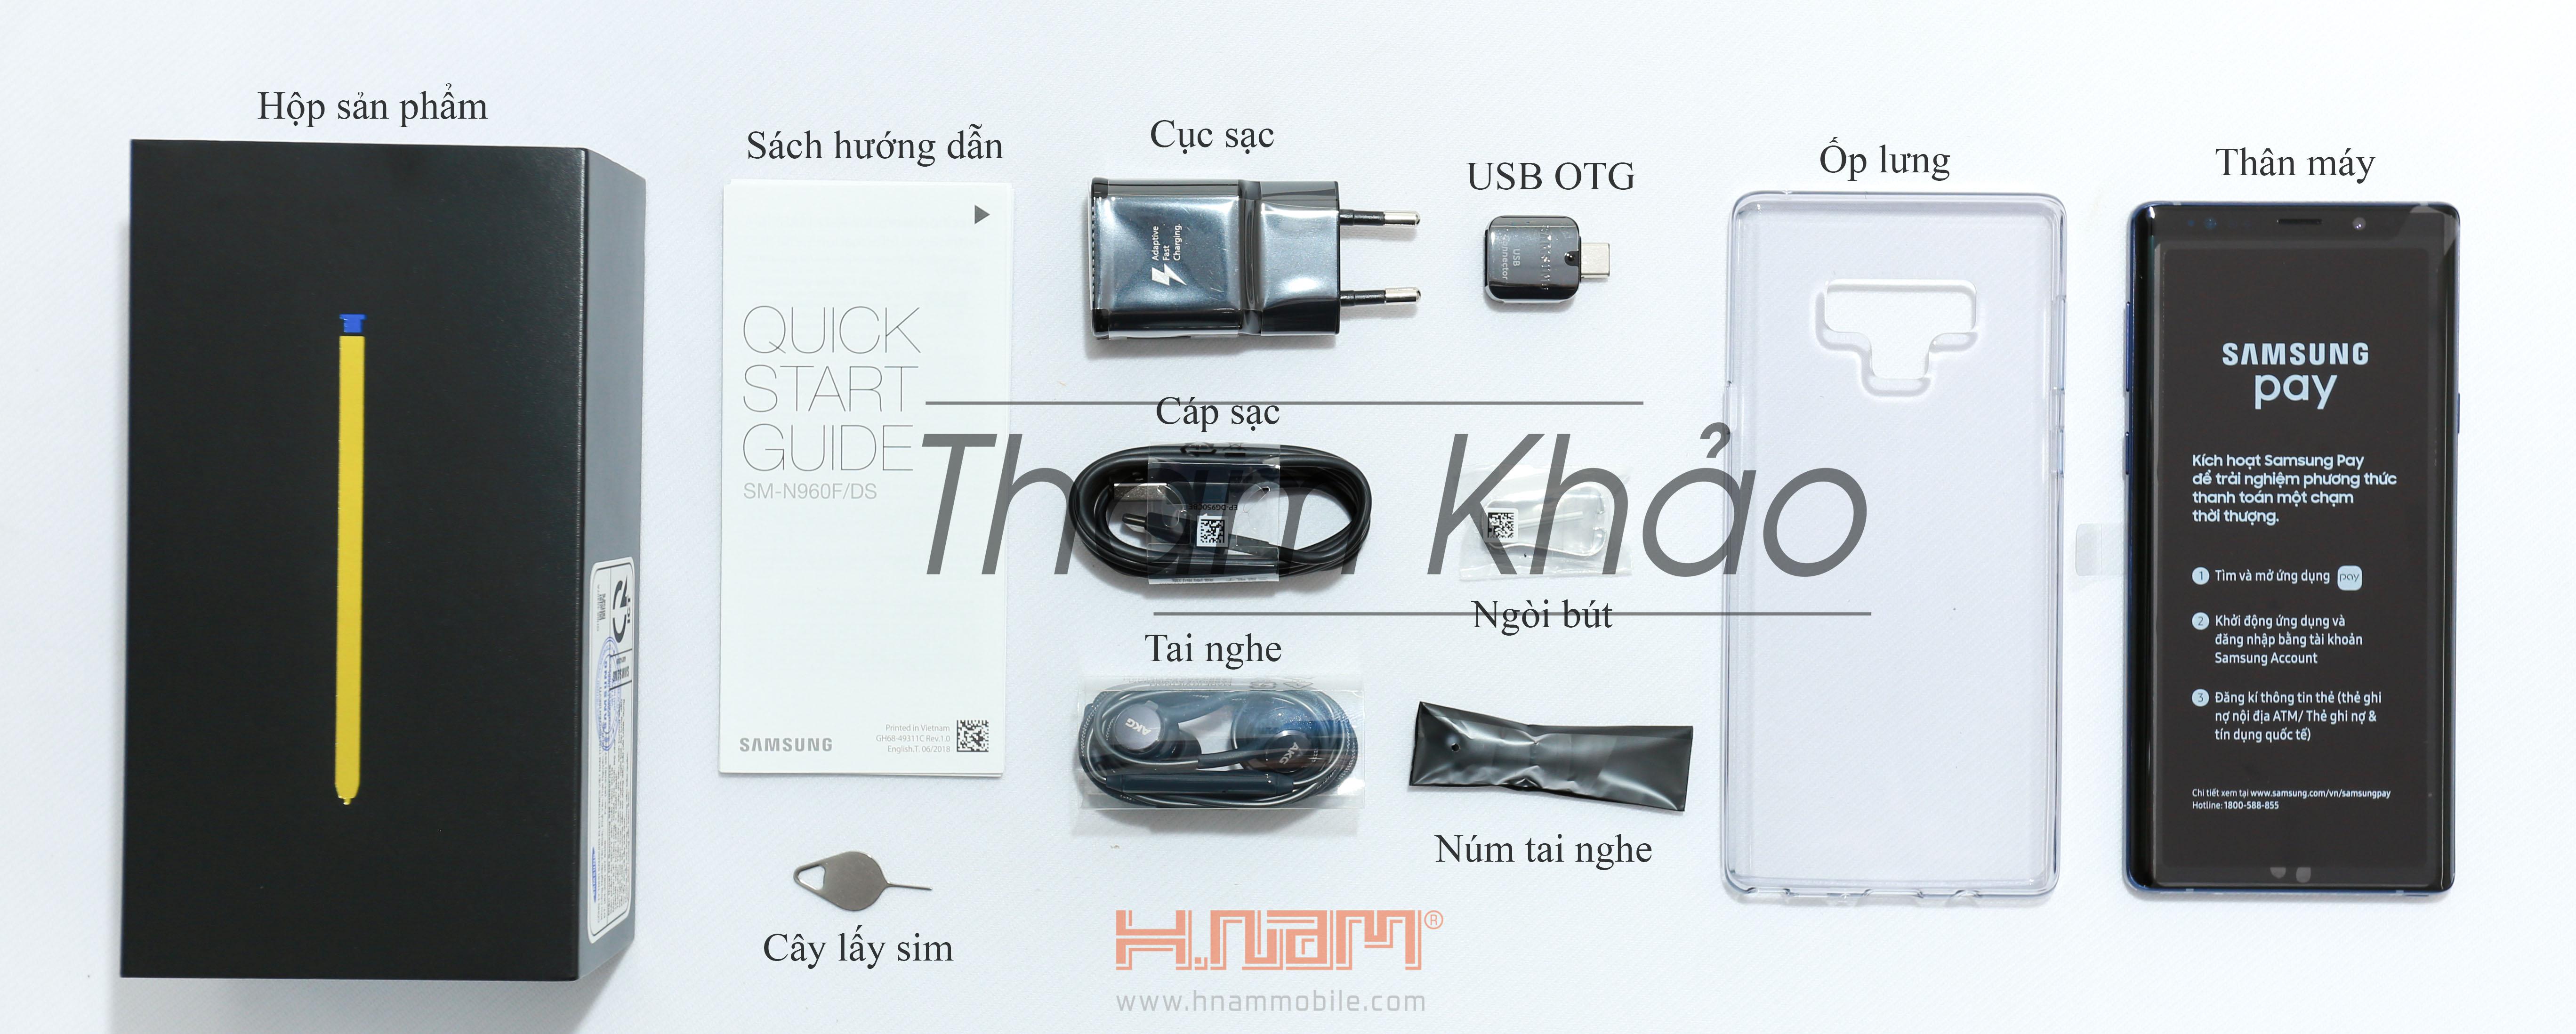 Samsung galaxy Note 9 128Gb Mỹ - New 100% hình sản phẩm 0